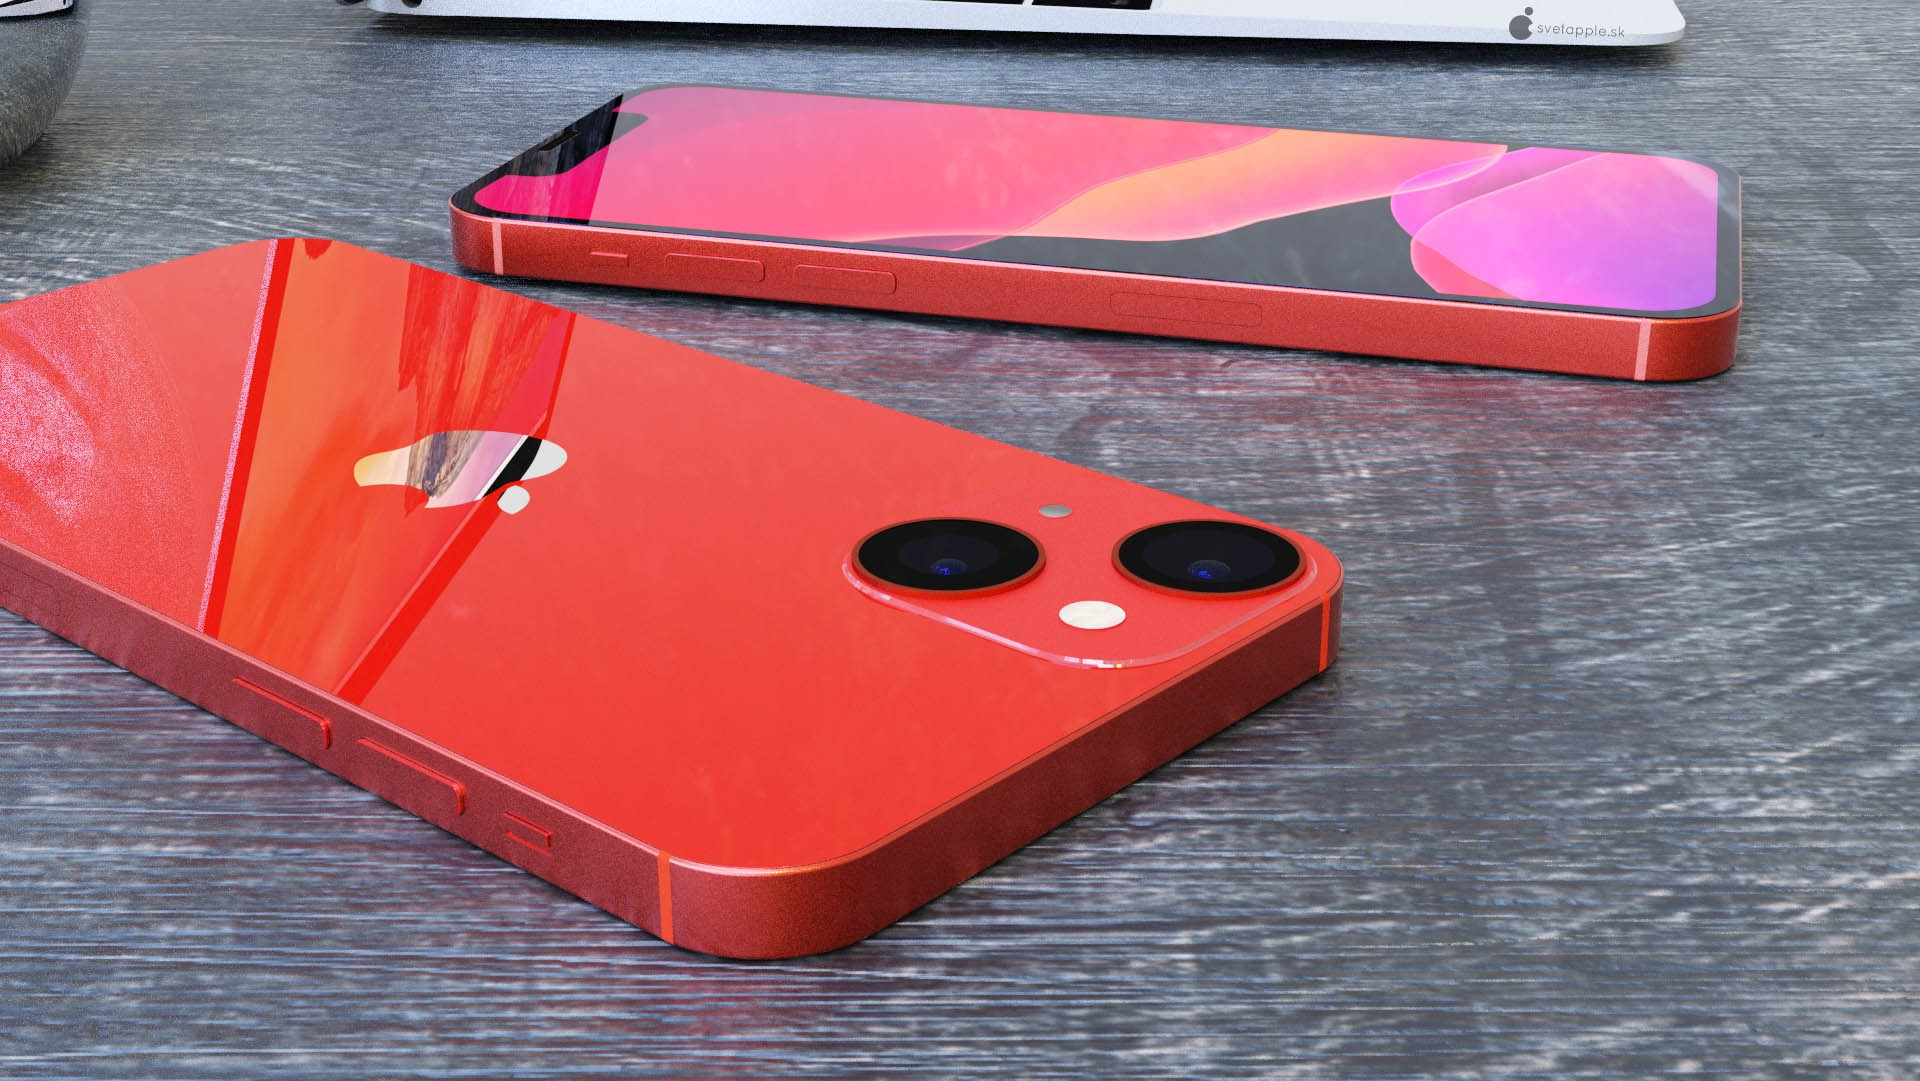 Показан смартфон iPhone 13 mini с диагональным размещением датчиков камеры